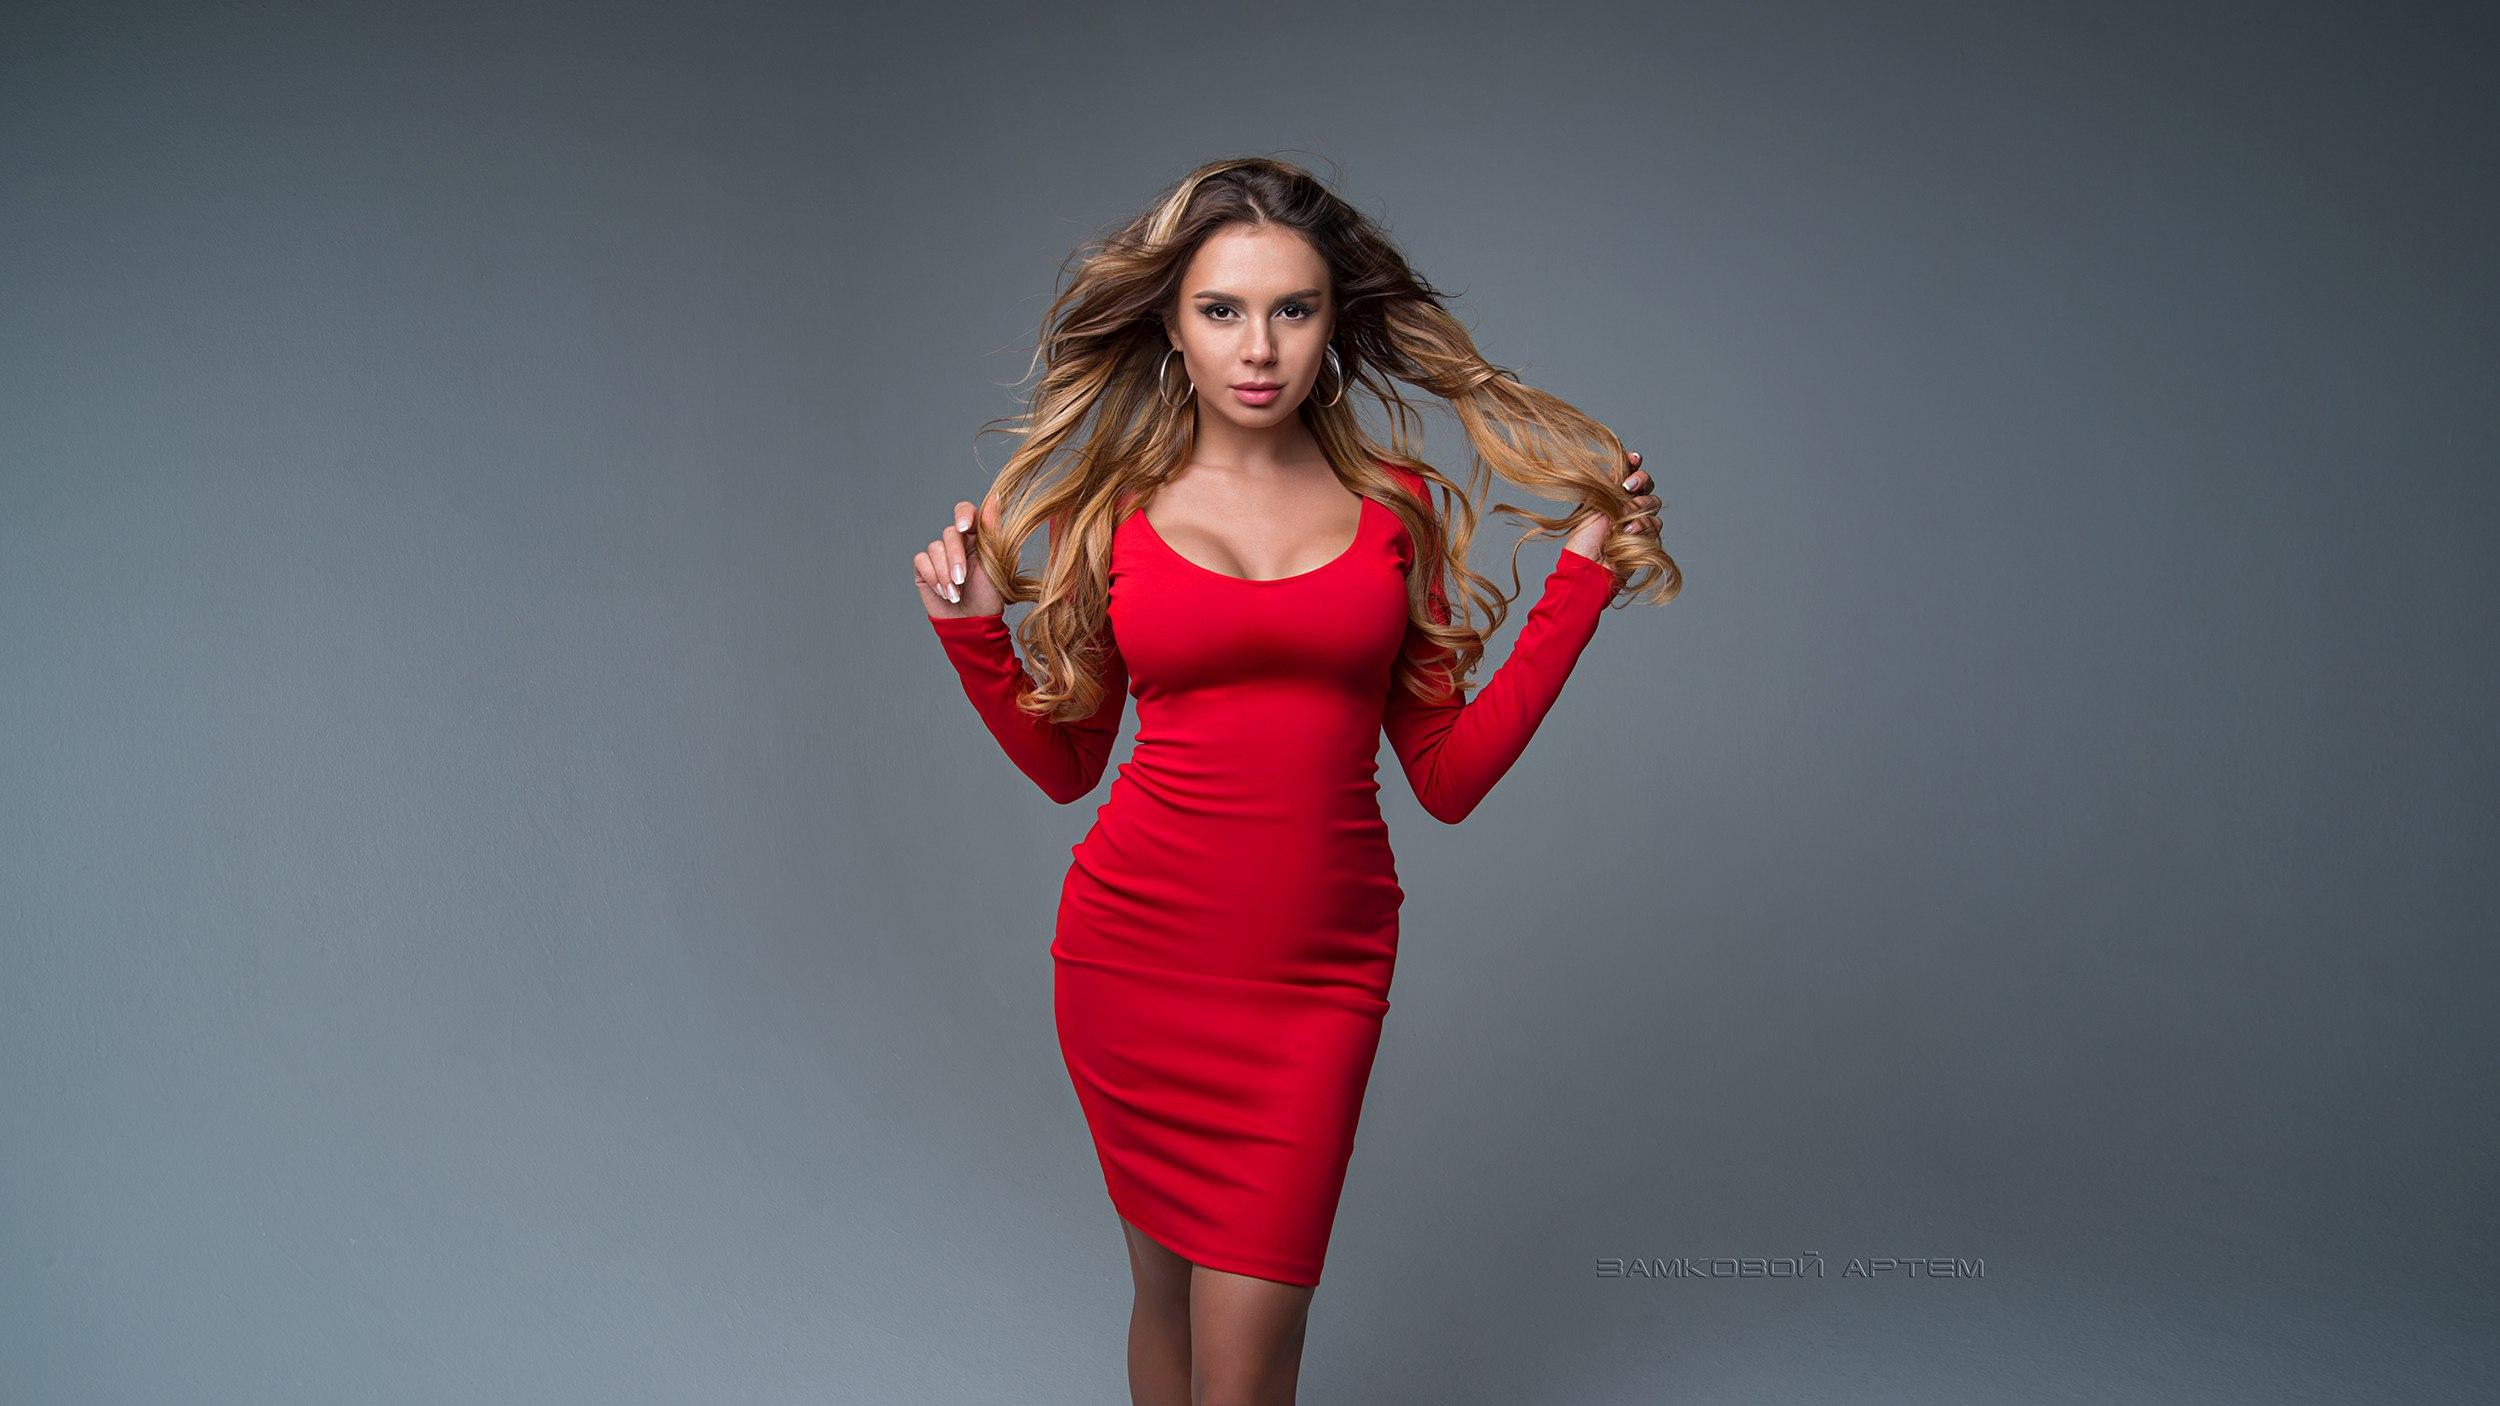 3f63e46021 Ingyenes háttérképek : nők, szőke, portré, egyszerű háttér, piros ...